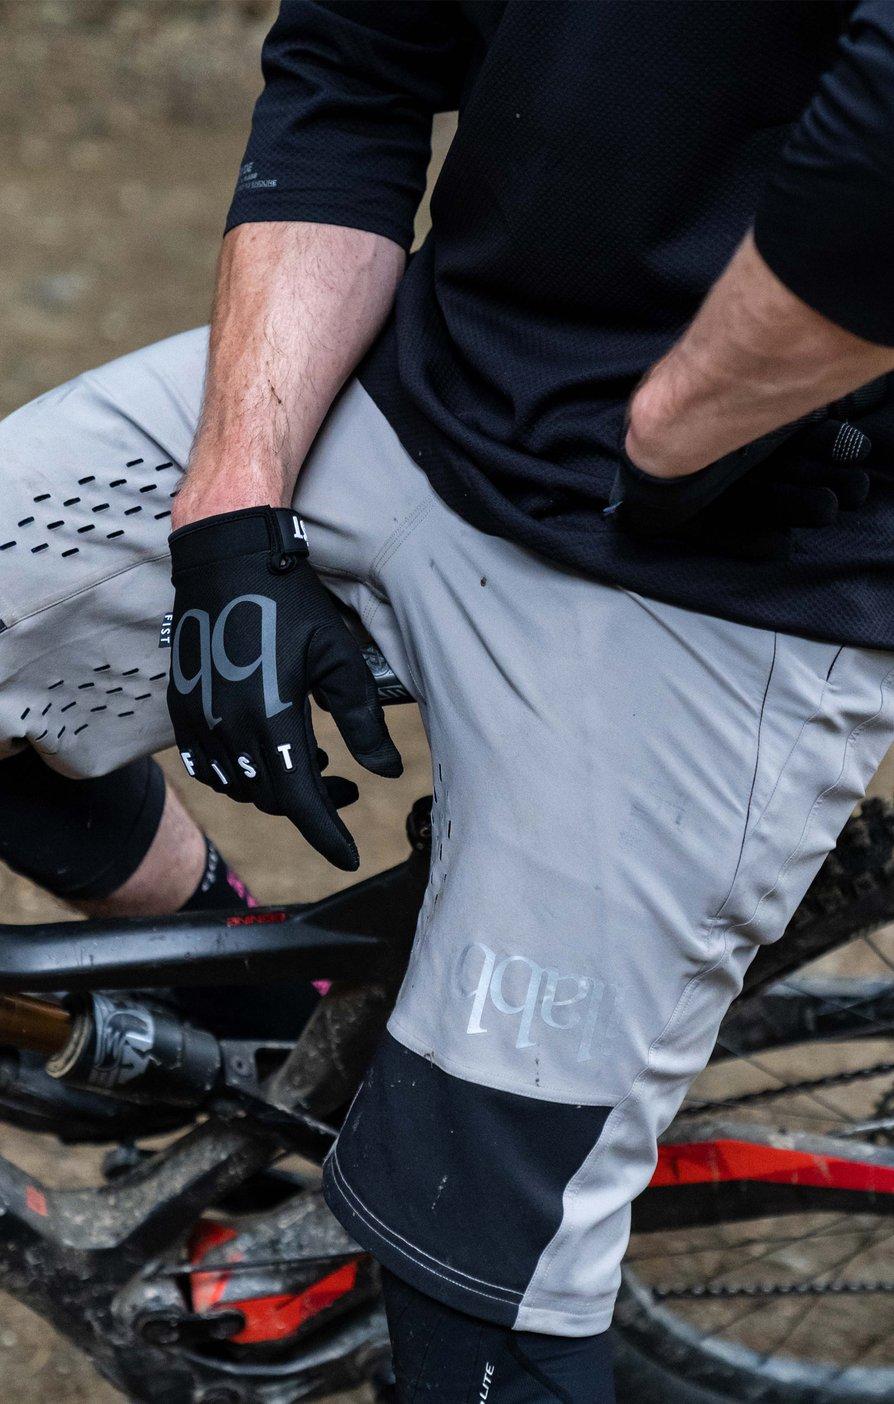 Fist Ride Glove - Reflective Mens グローブ